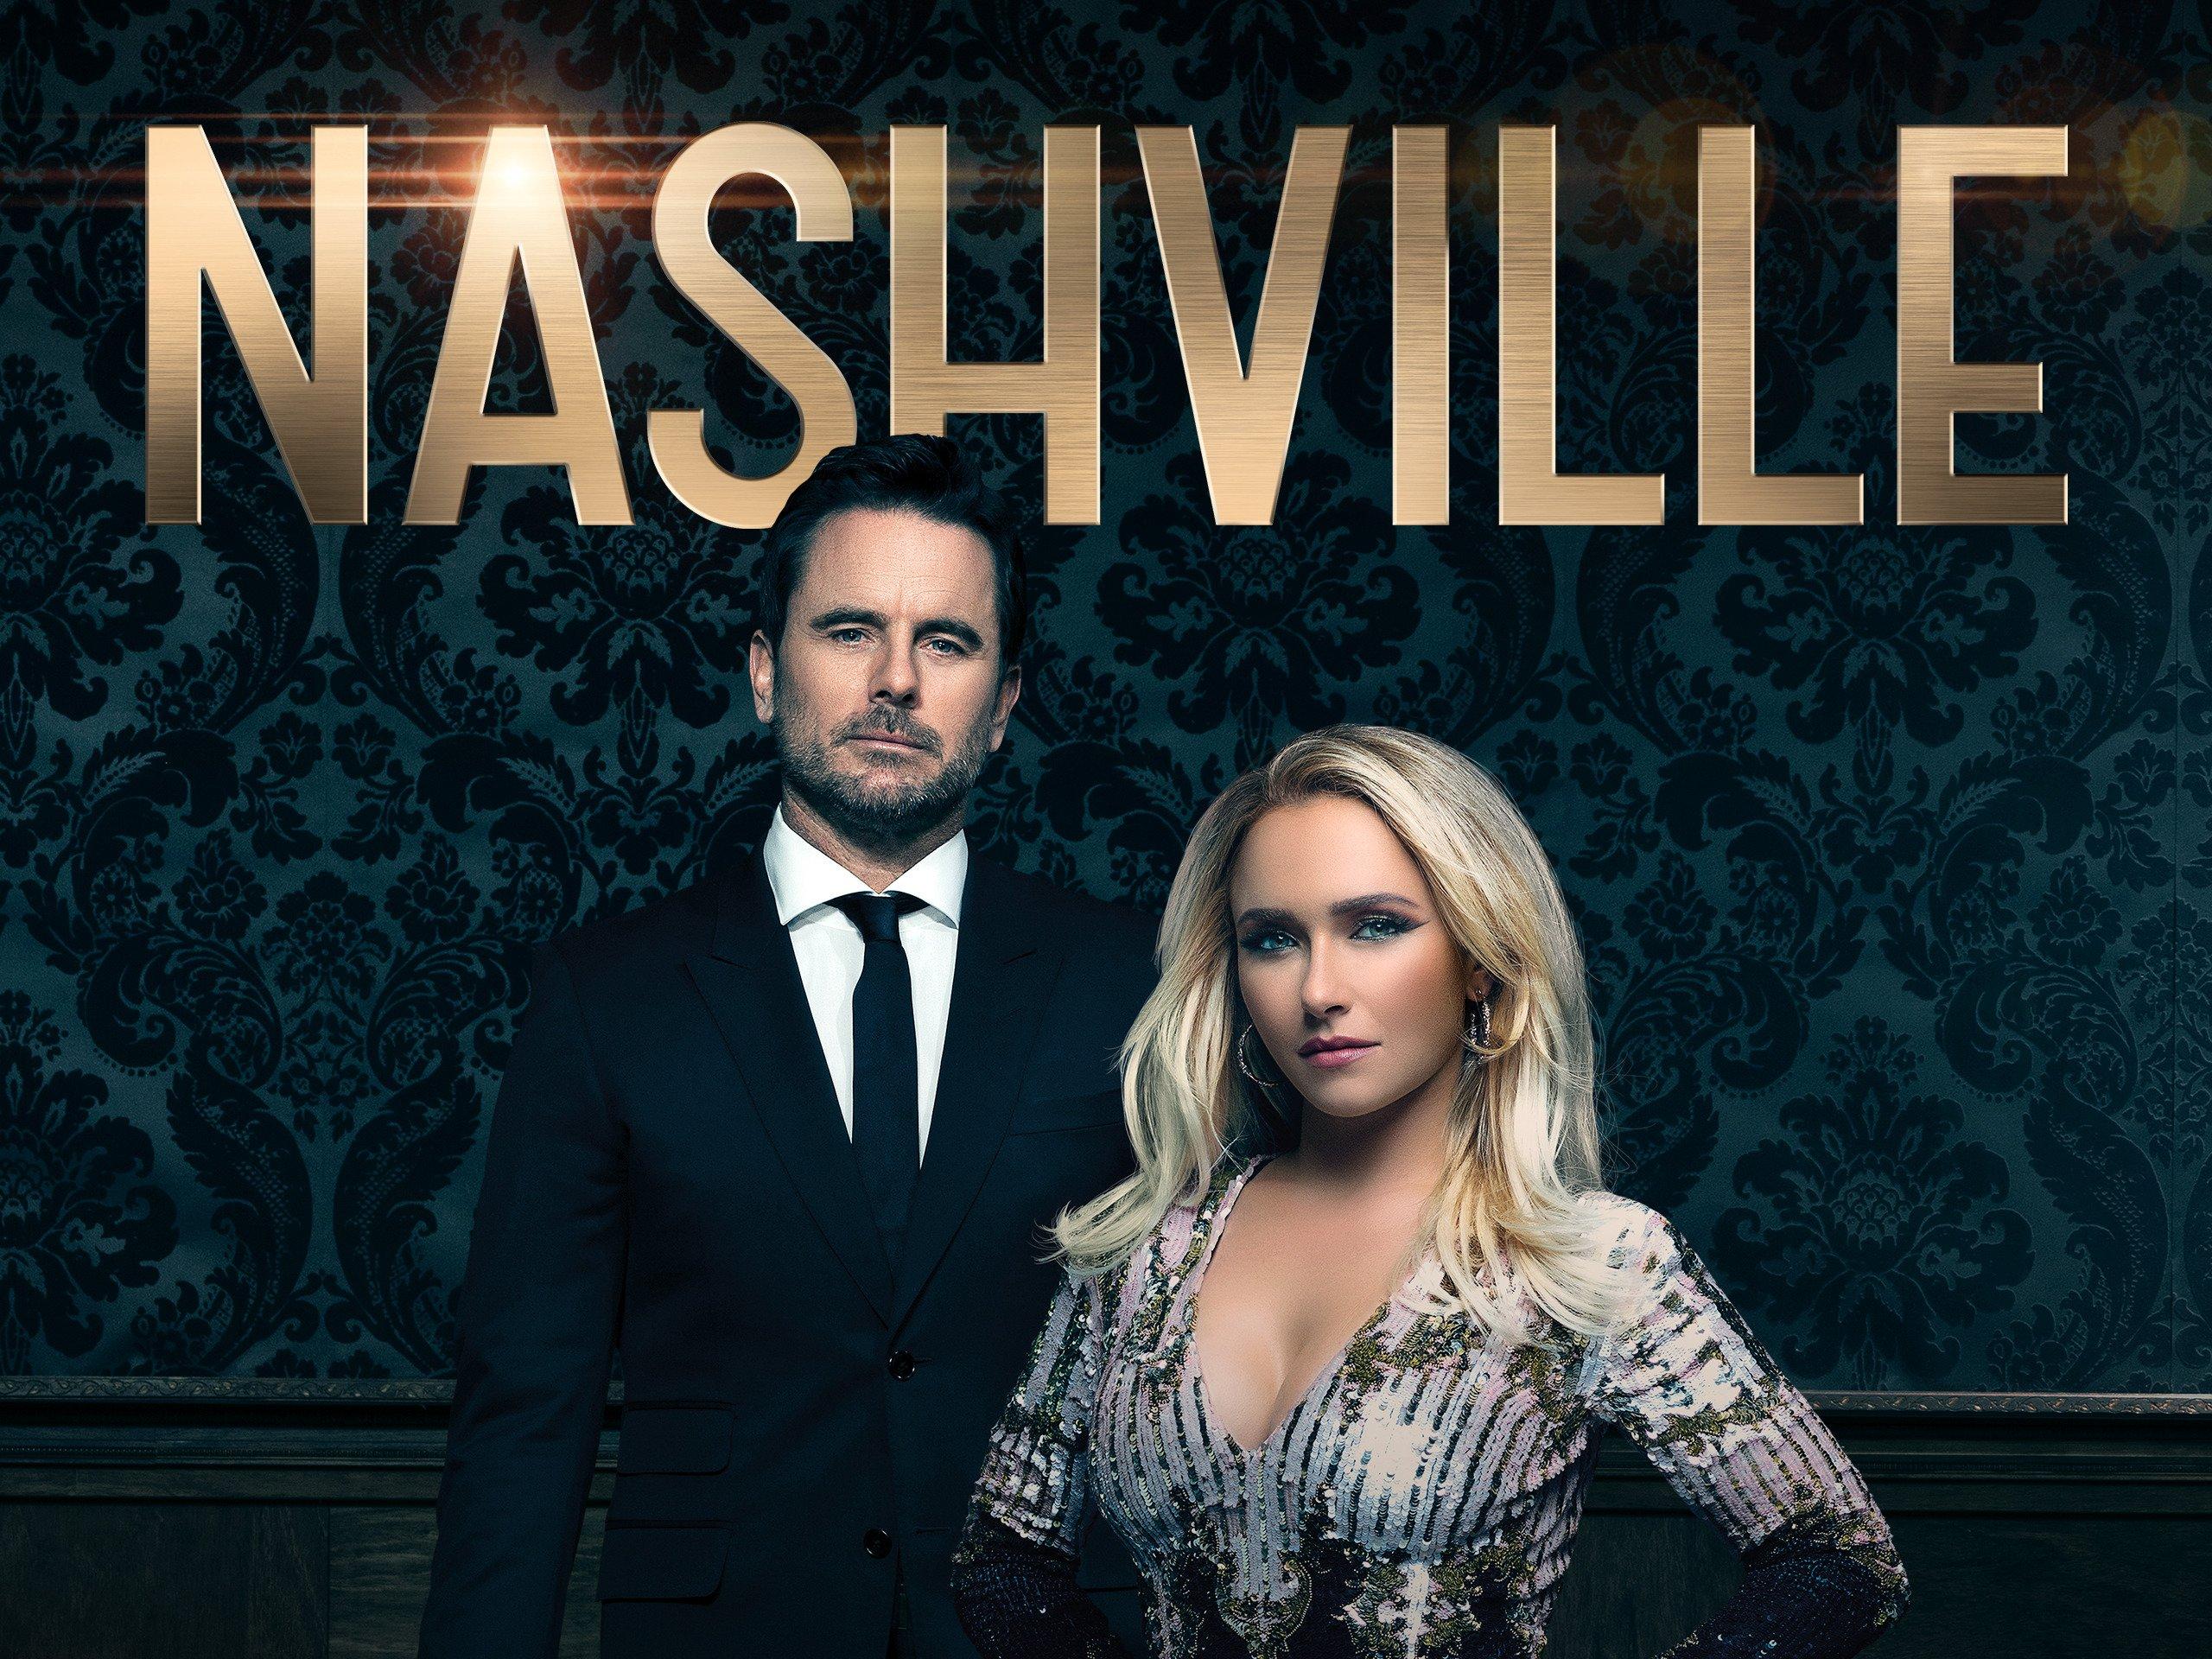 Nashville kostenloser Dating-Service